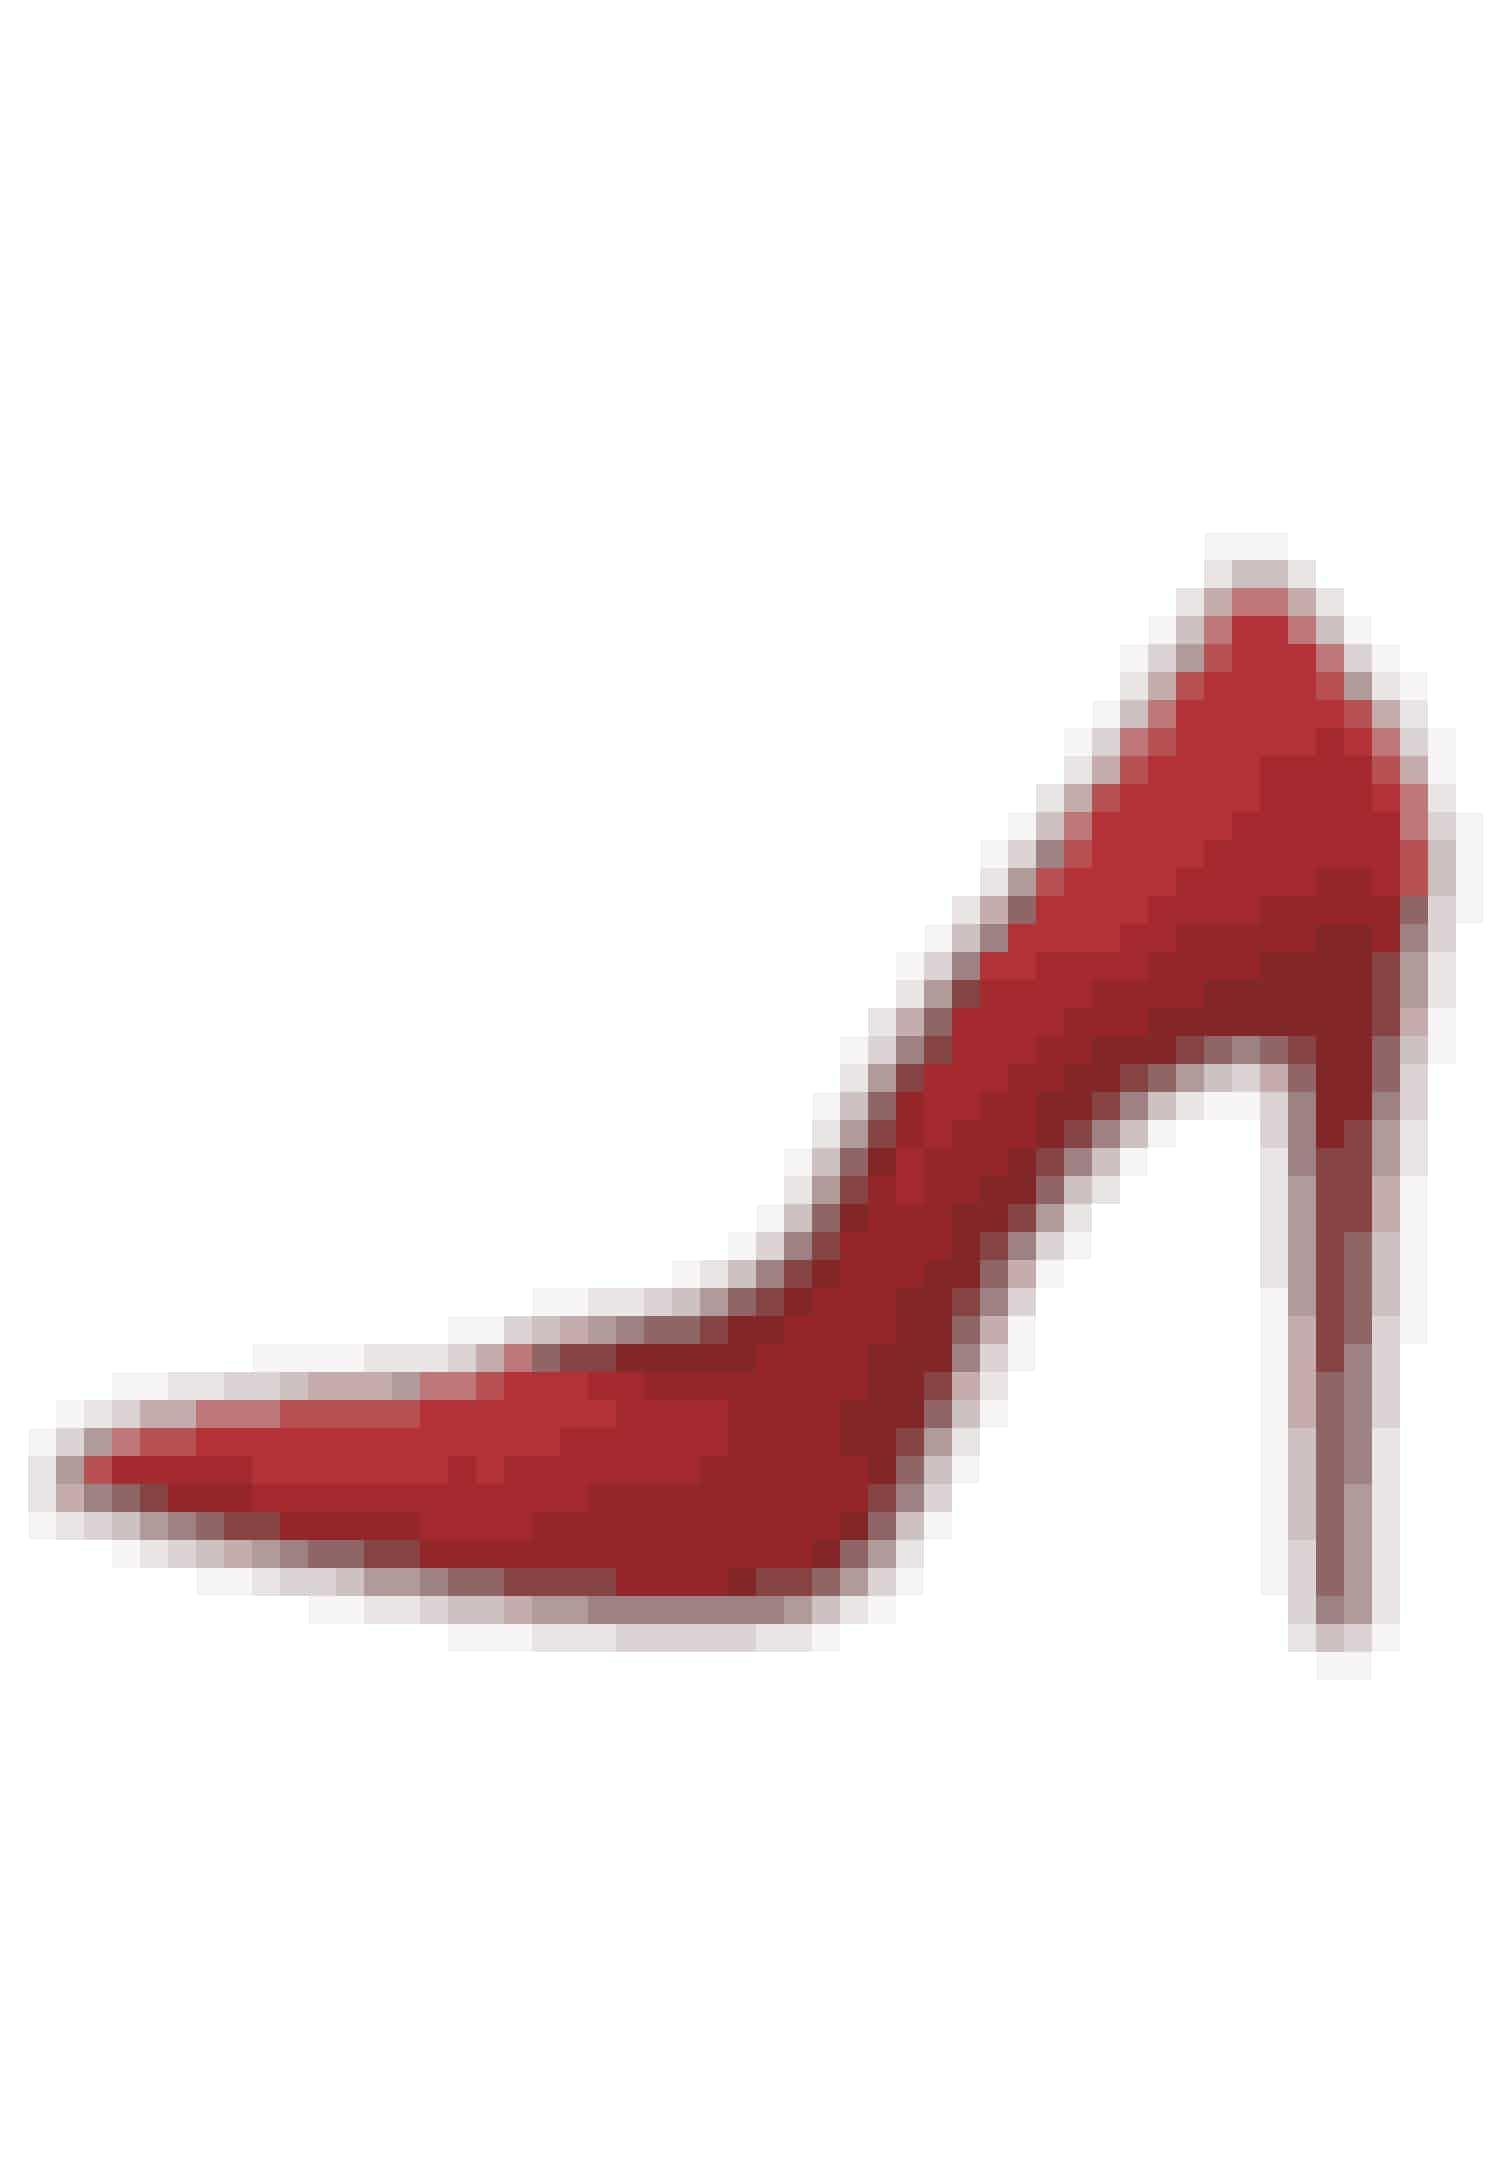 Zalando:Oplev webshoppenlive og bliv inspireret tilde nyeste modetrendsmed Zalandosefterårskampagne, 'Share Your Style'.